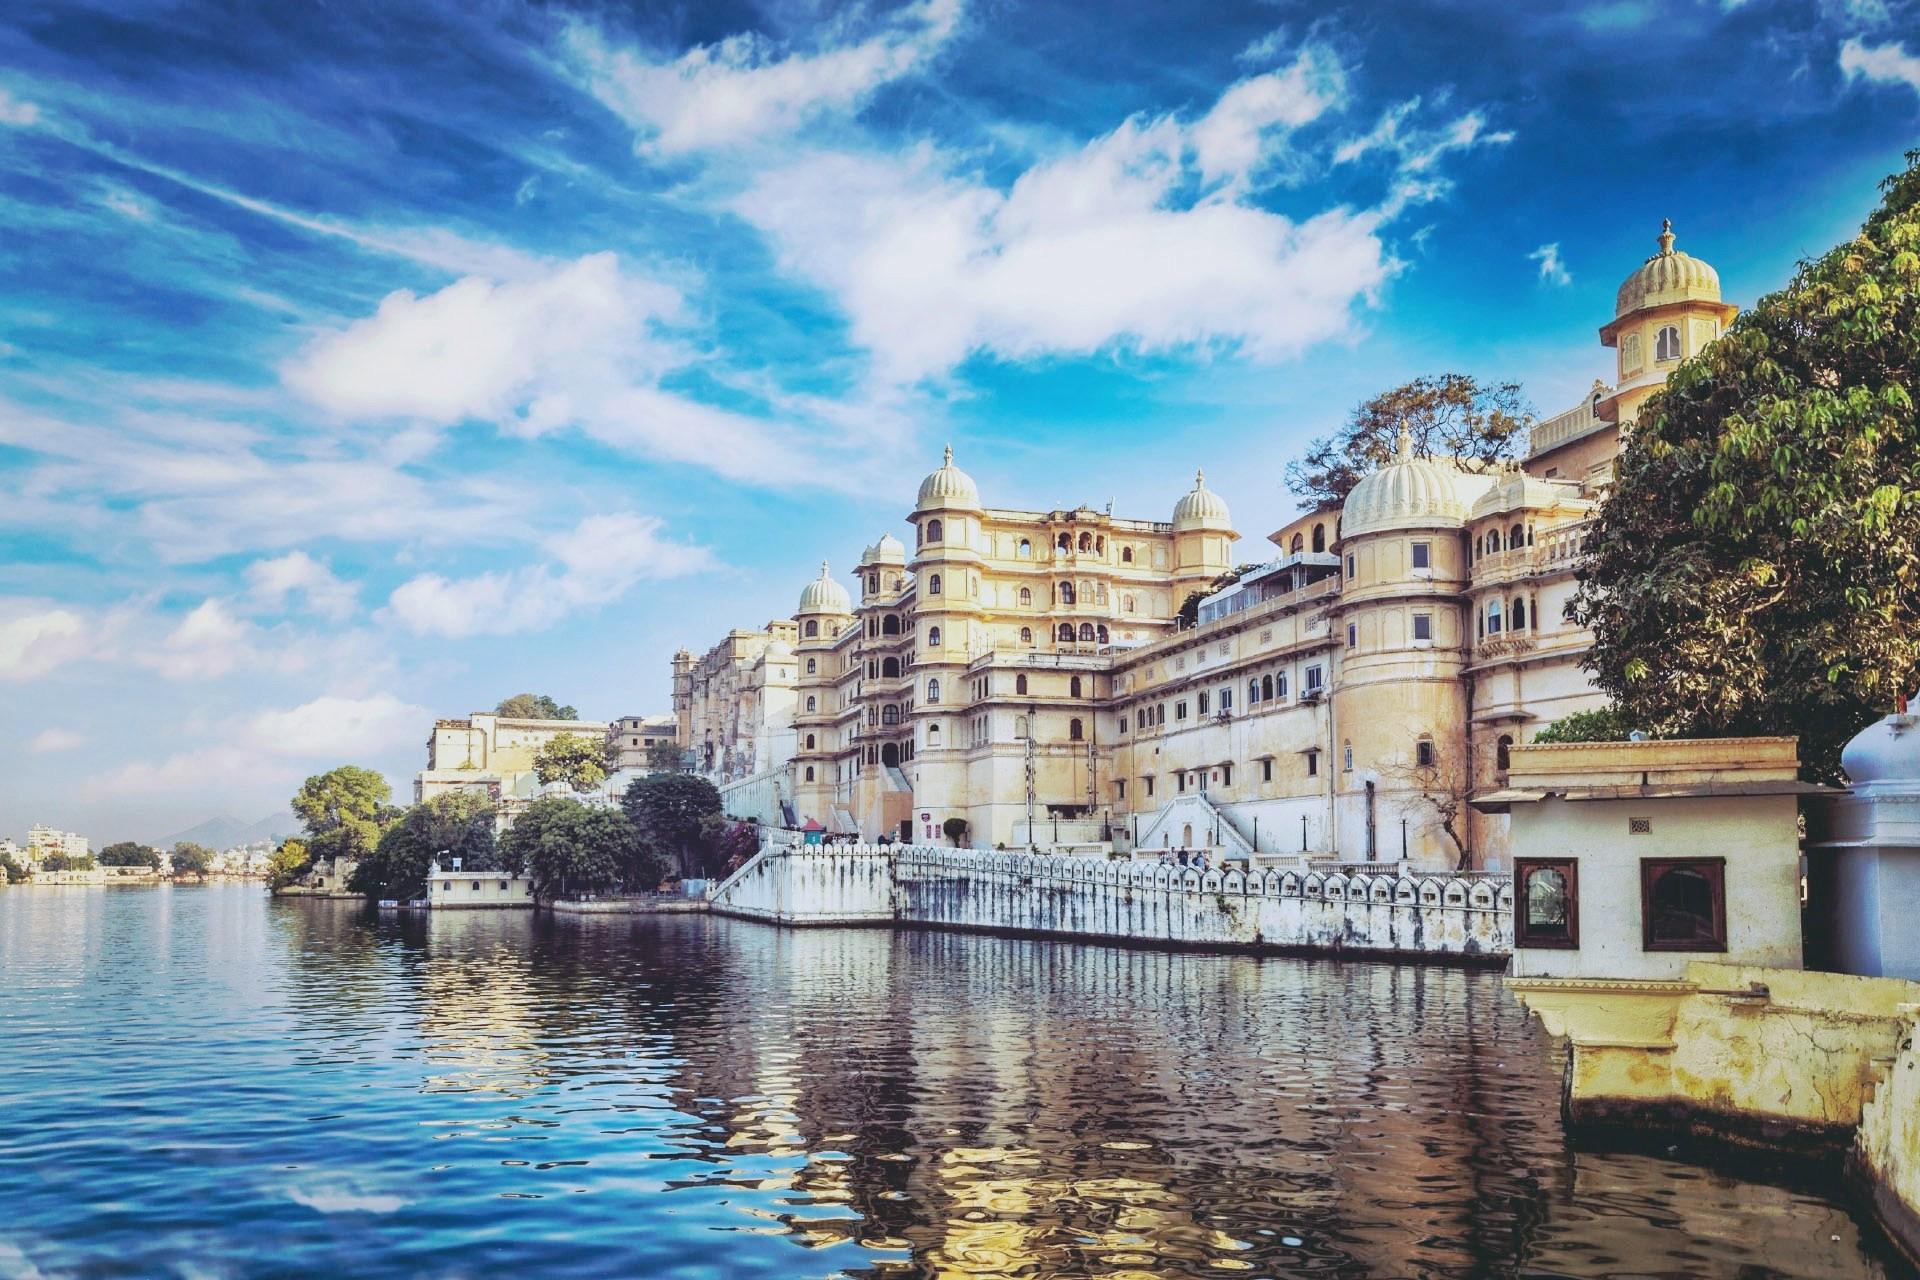 マハーラーナー宮殿とピチョーラー湖 インドの風景